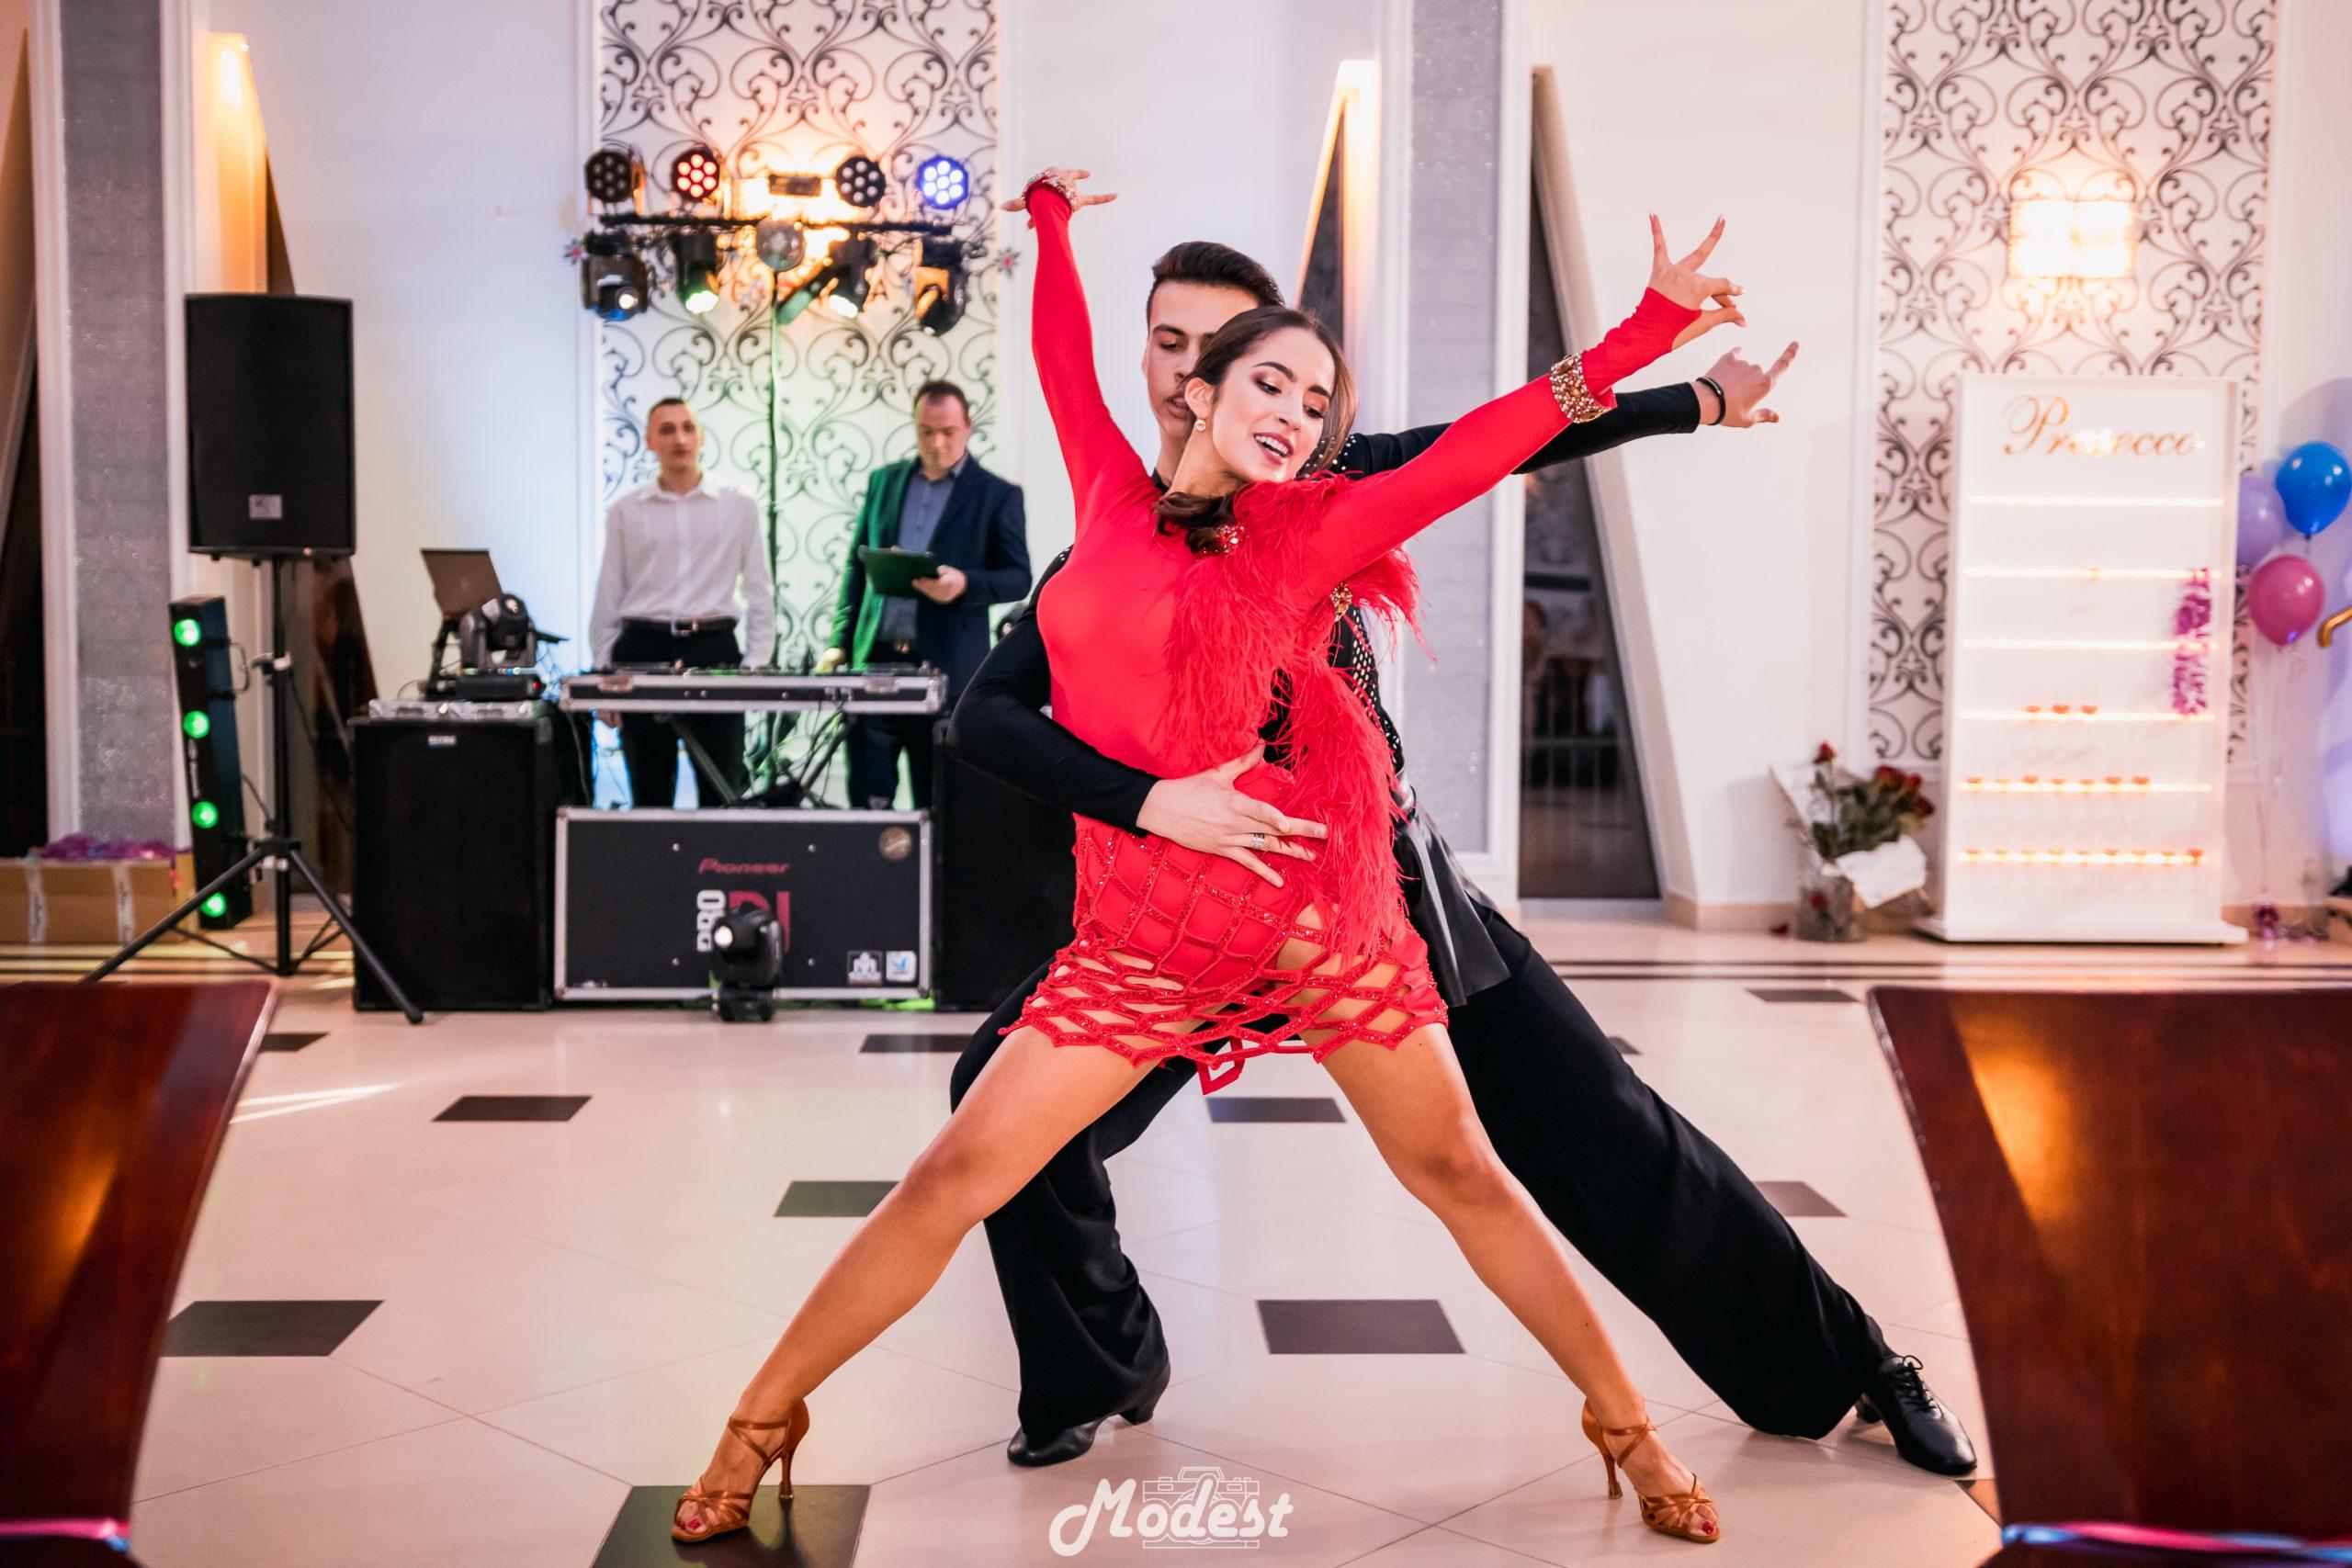 Taniec w wykonianiu ucznia ALOPB i jego partnerki